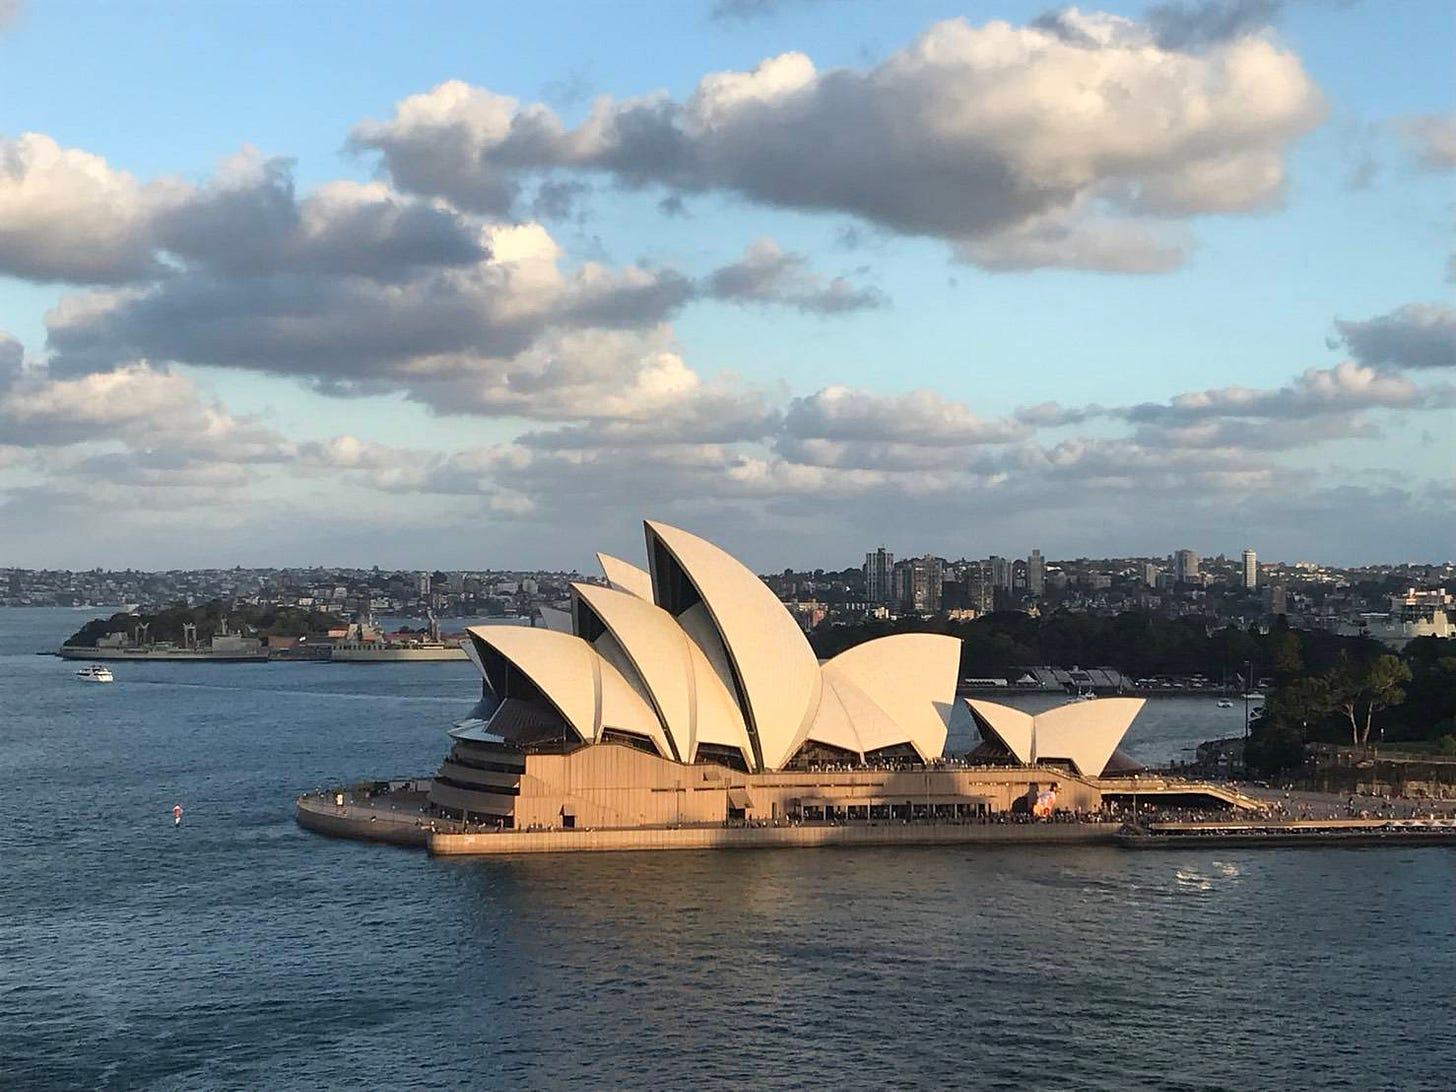 澳洲雪梨】探索雪梨歌劇院(Sydney Opera House)內部之旅!門票、導覽 ...